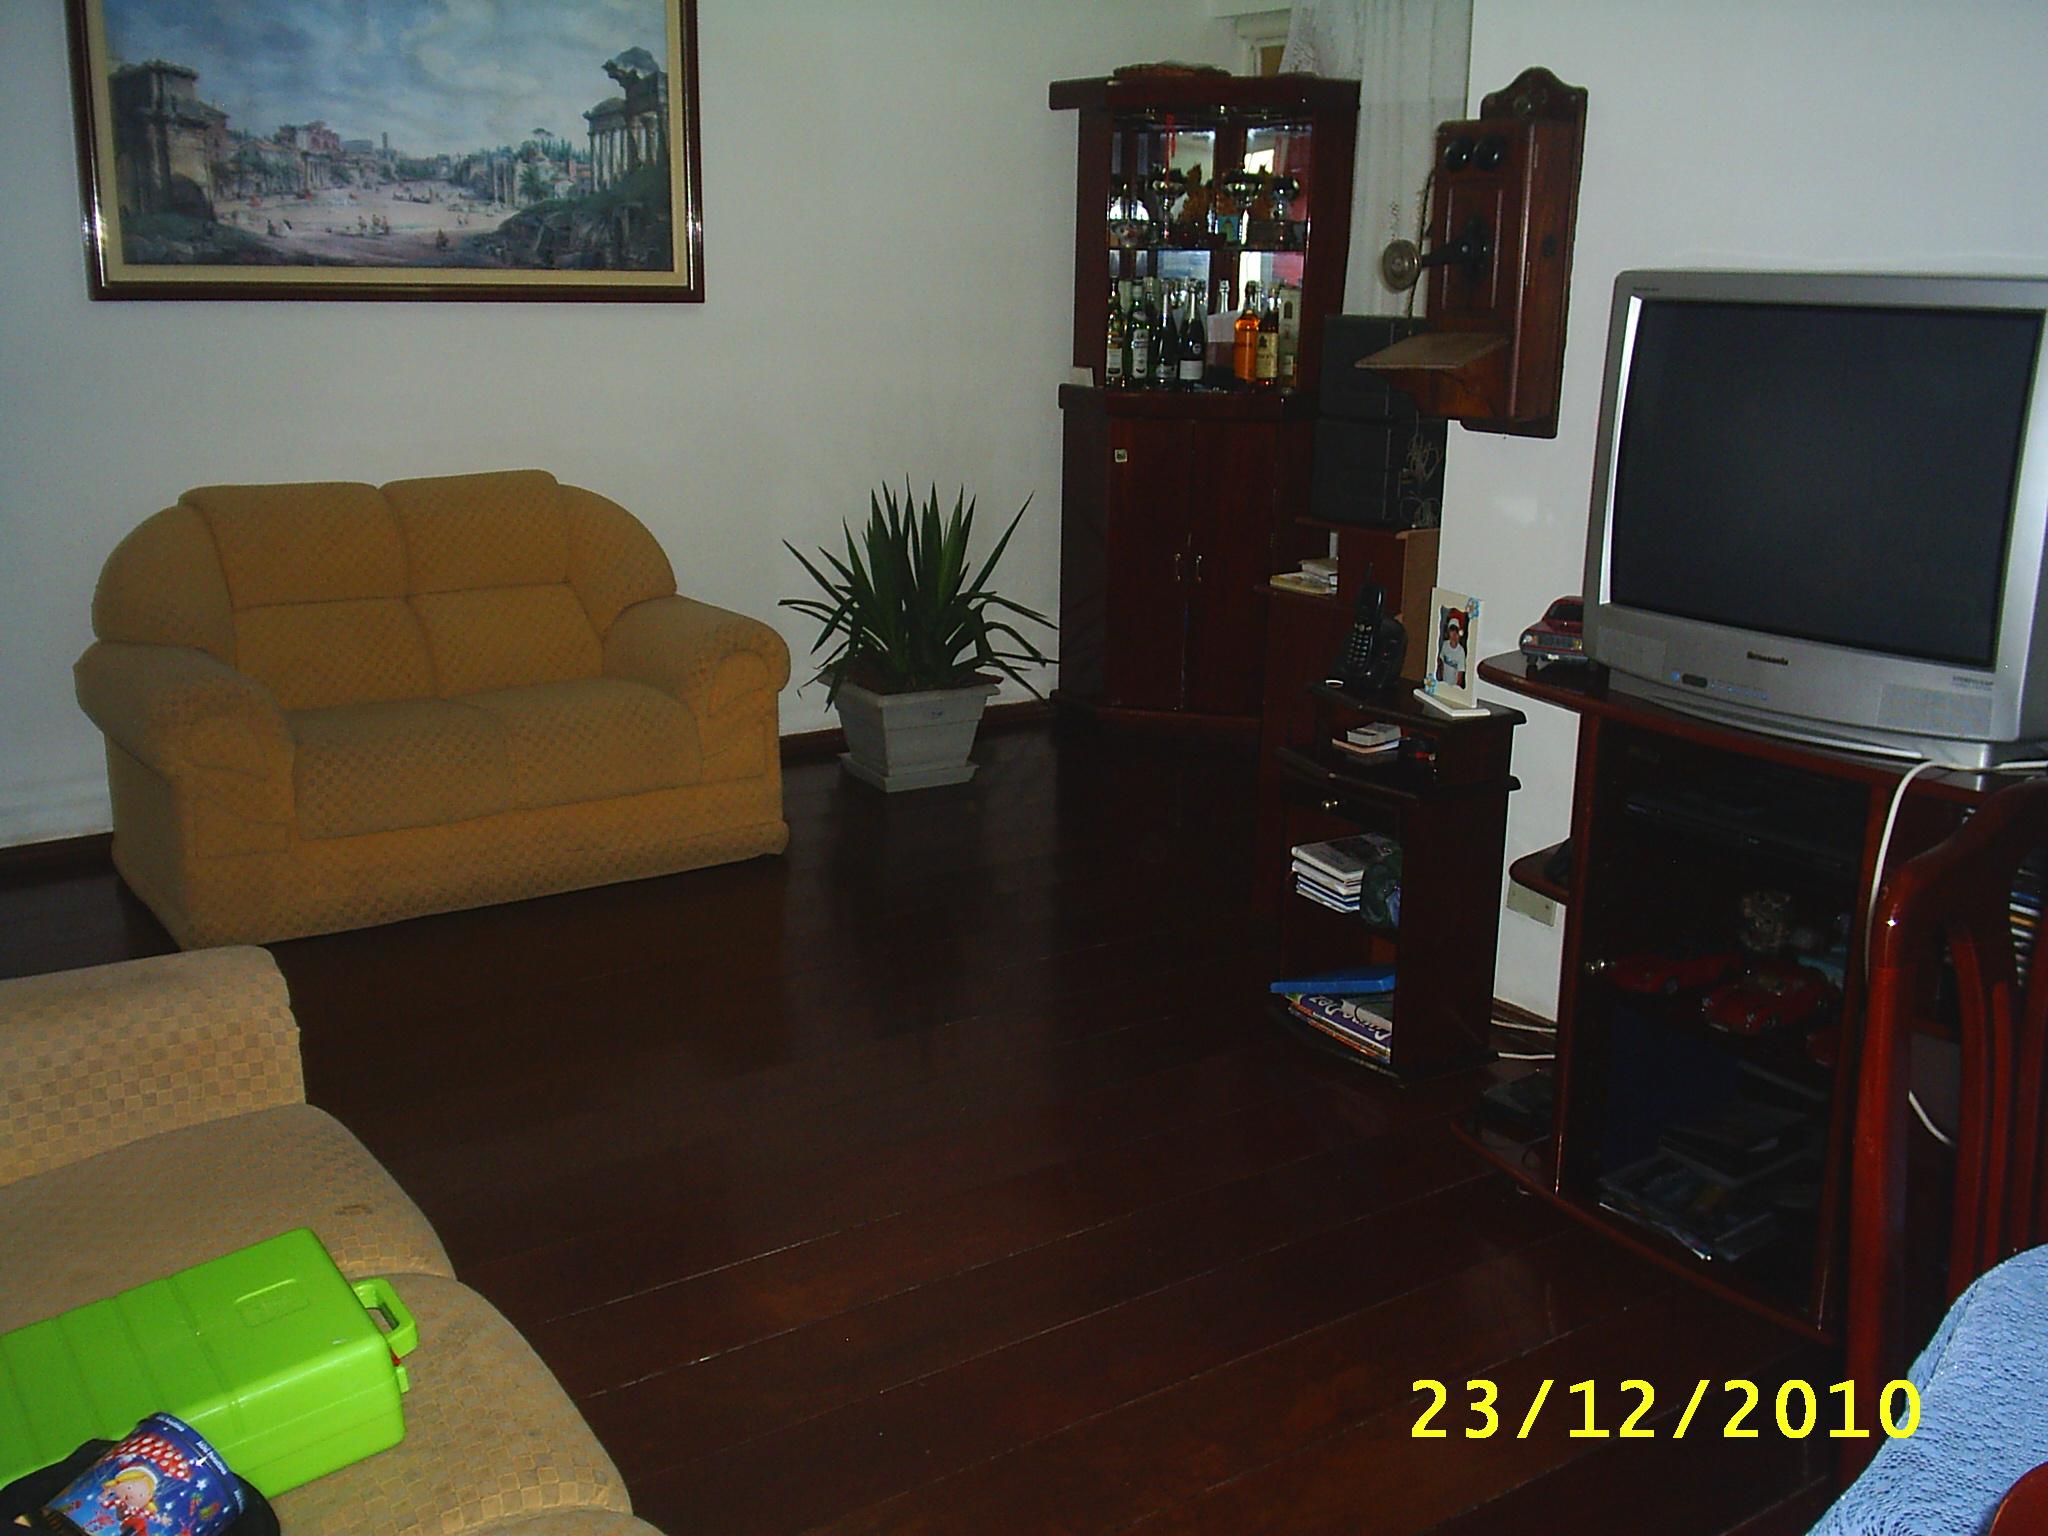 Imagens de #68AC1F Imobiliária em Mogi das Cruzes Komura Imóveis 2048x1536 px 3310 Box Acrilico Banheiro Mogi Das Cruzes